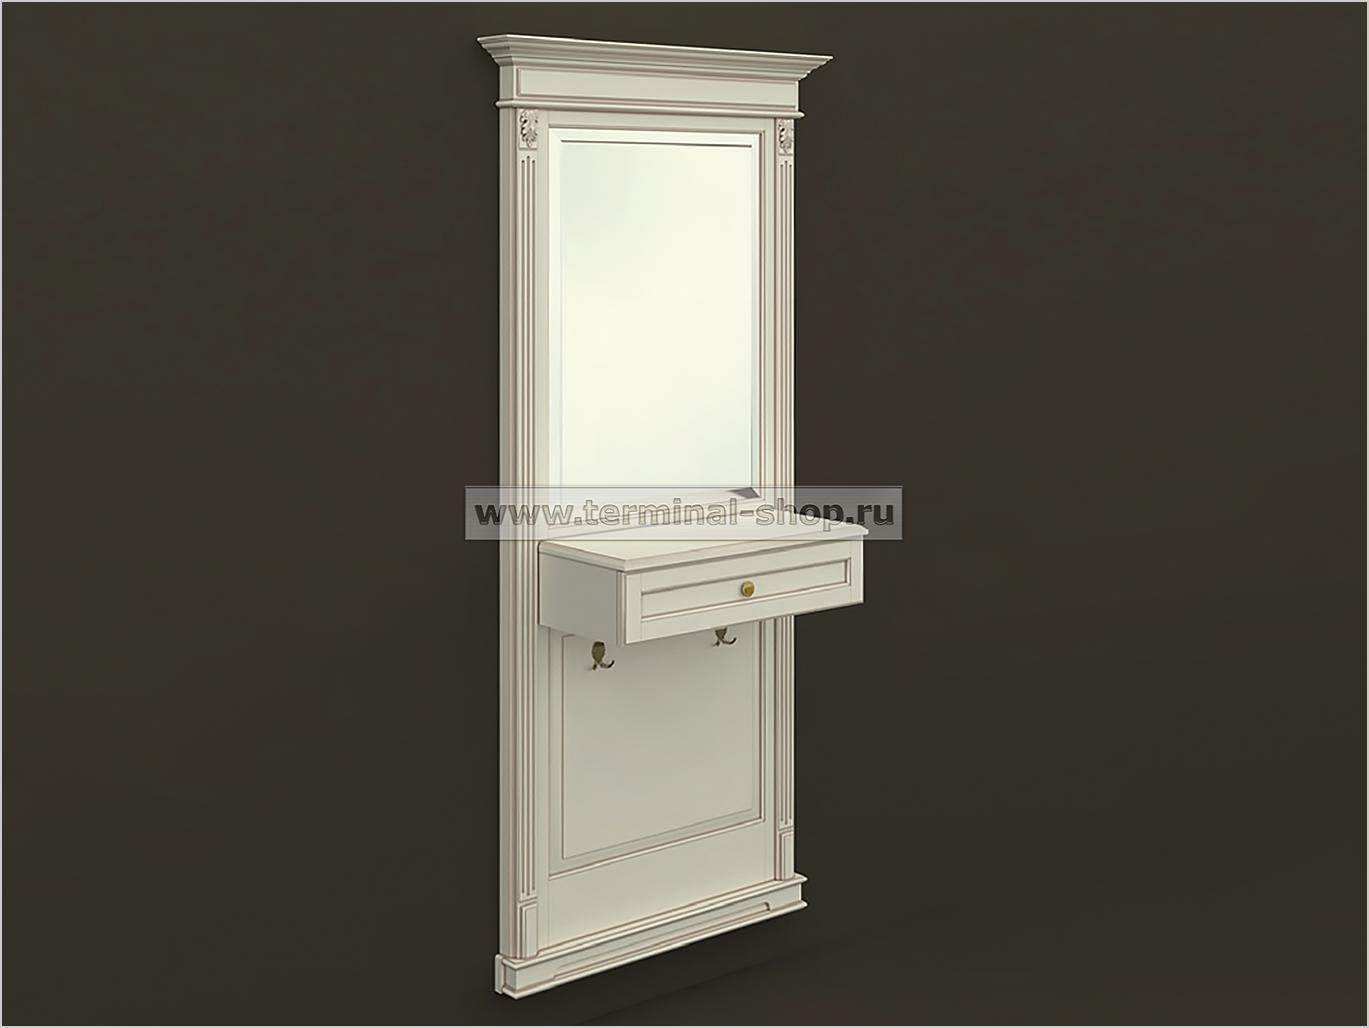 Панель-зеркало с консолью ПЗК-6/1005